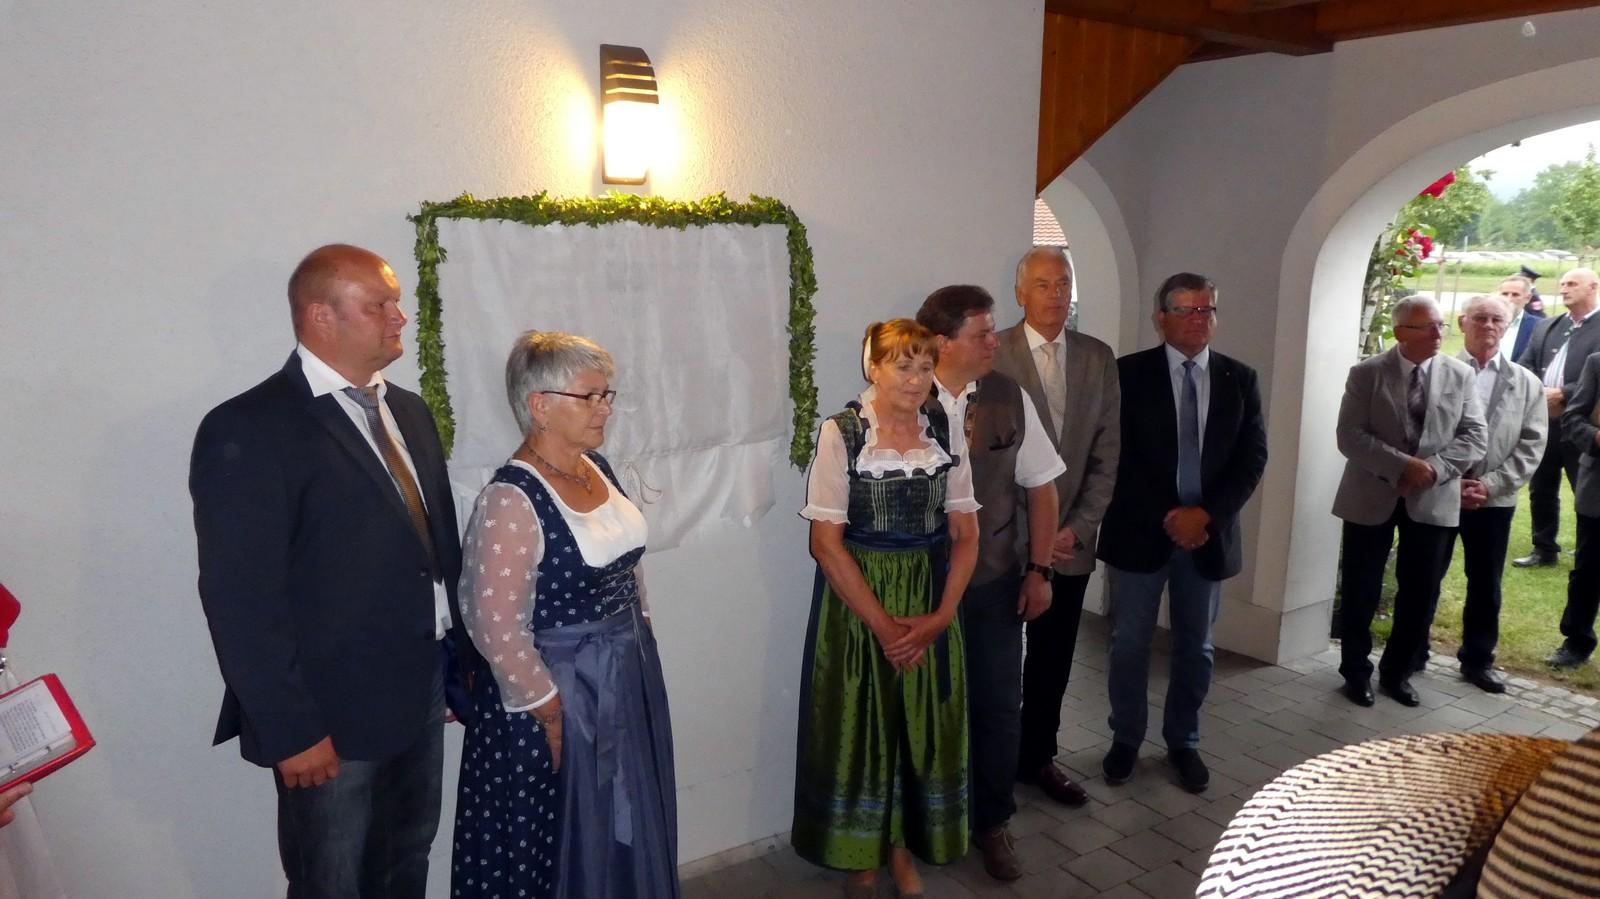 20180609-Abschluss Dorferneuerung Wölsendorf-Helferfest 13 Wilhelm Thomas P1000993